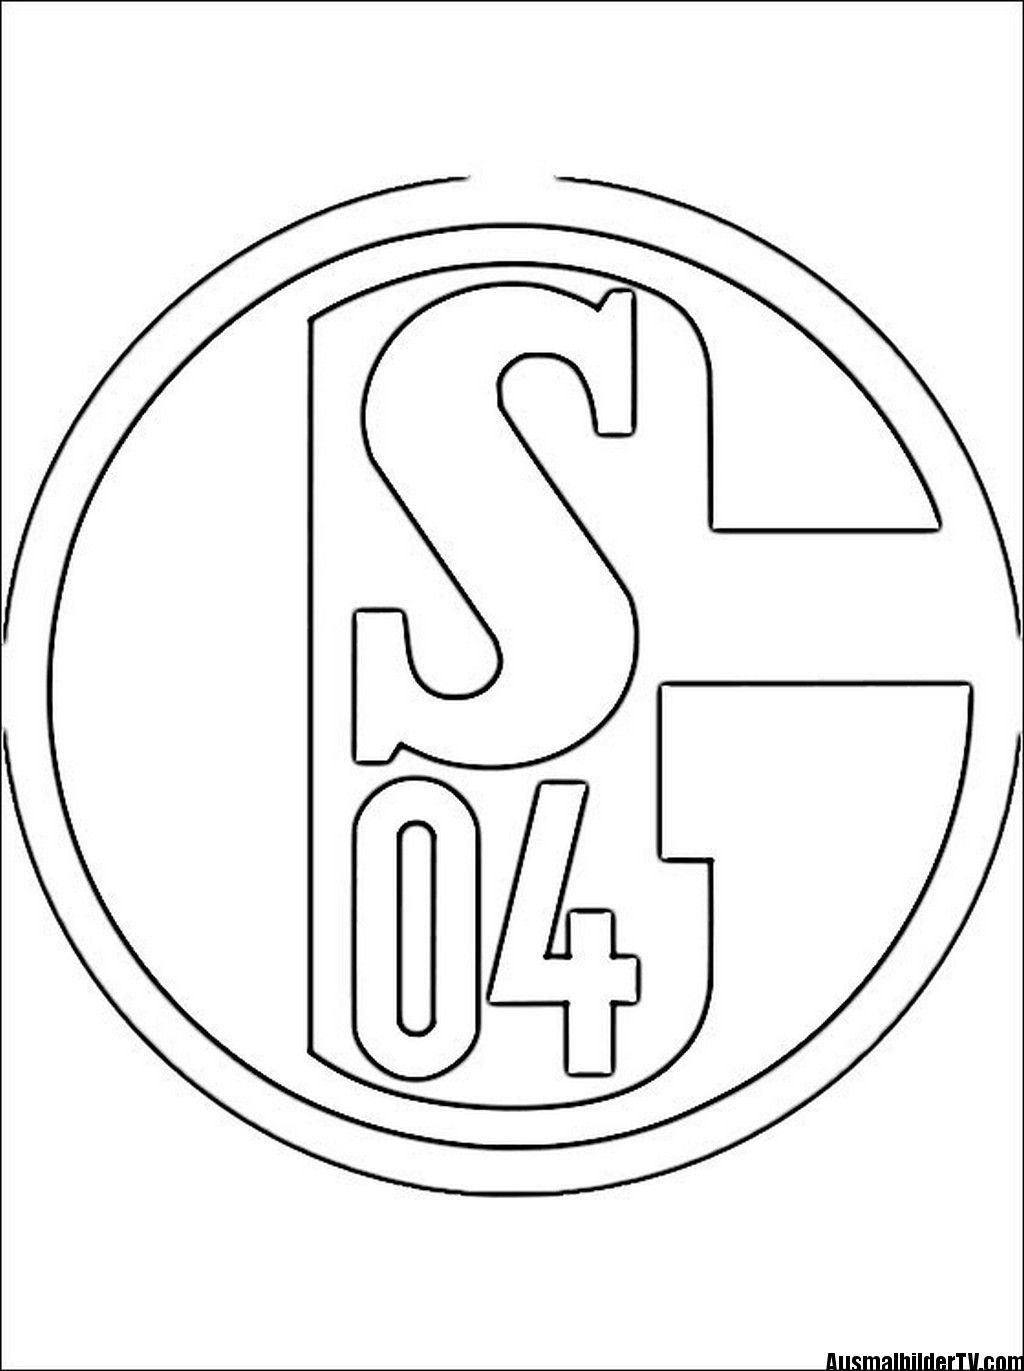 Fußball Ausmalbilder zum Ausdrucken - 10Ausmalbilder.com